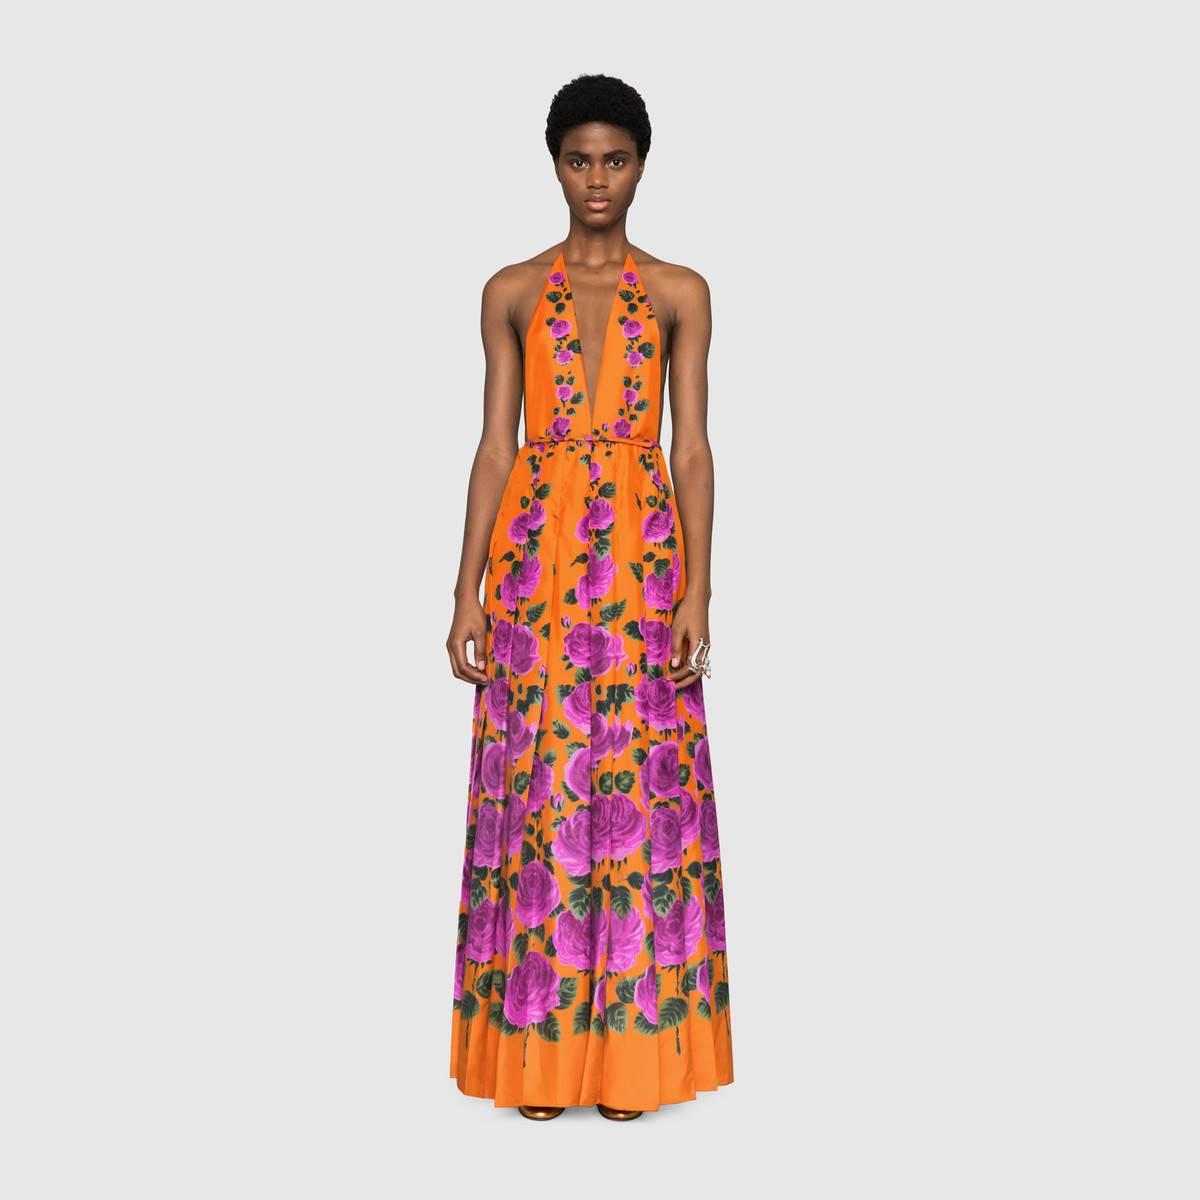 499512_ZKK49_7664_004_100_0000_Light-Rose-Garden-print-silk-dress